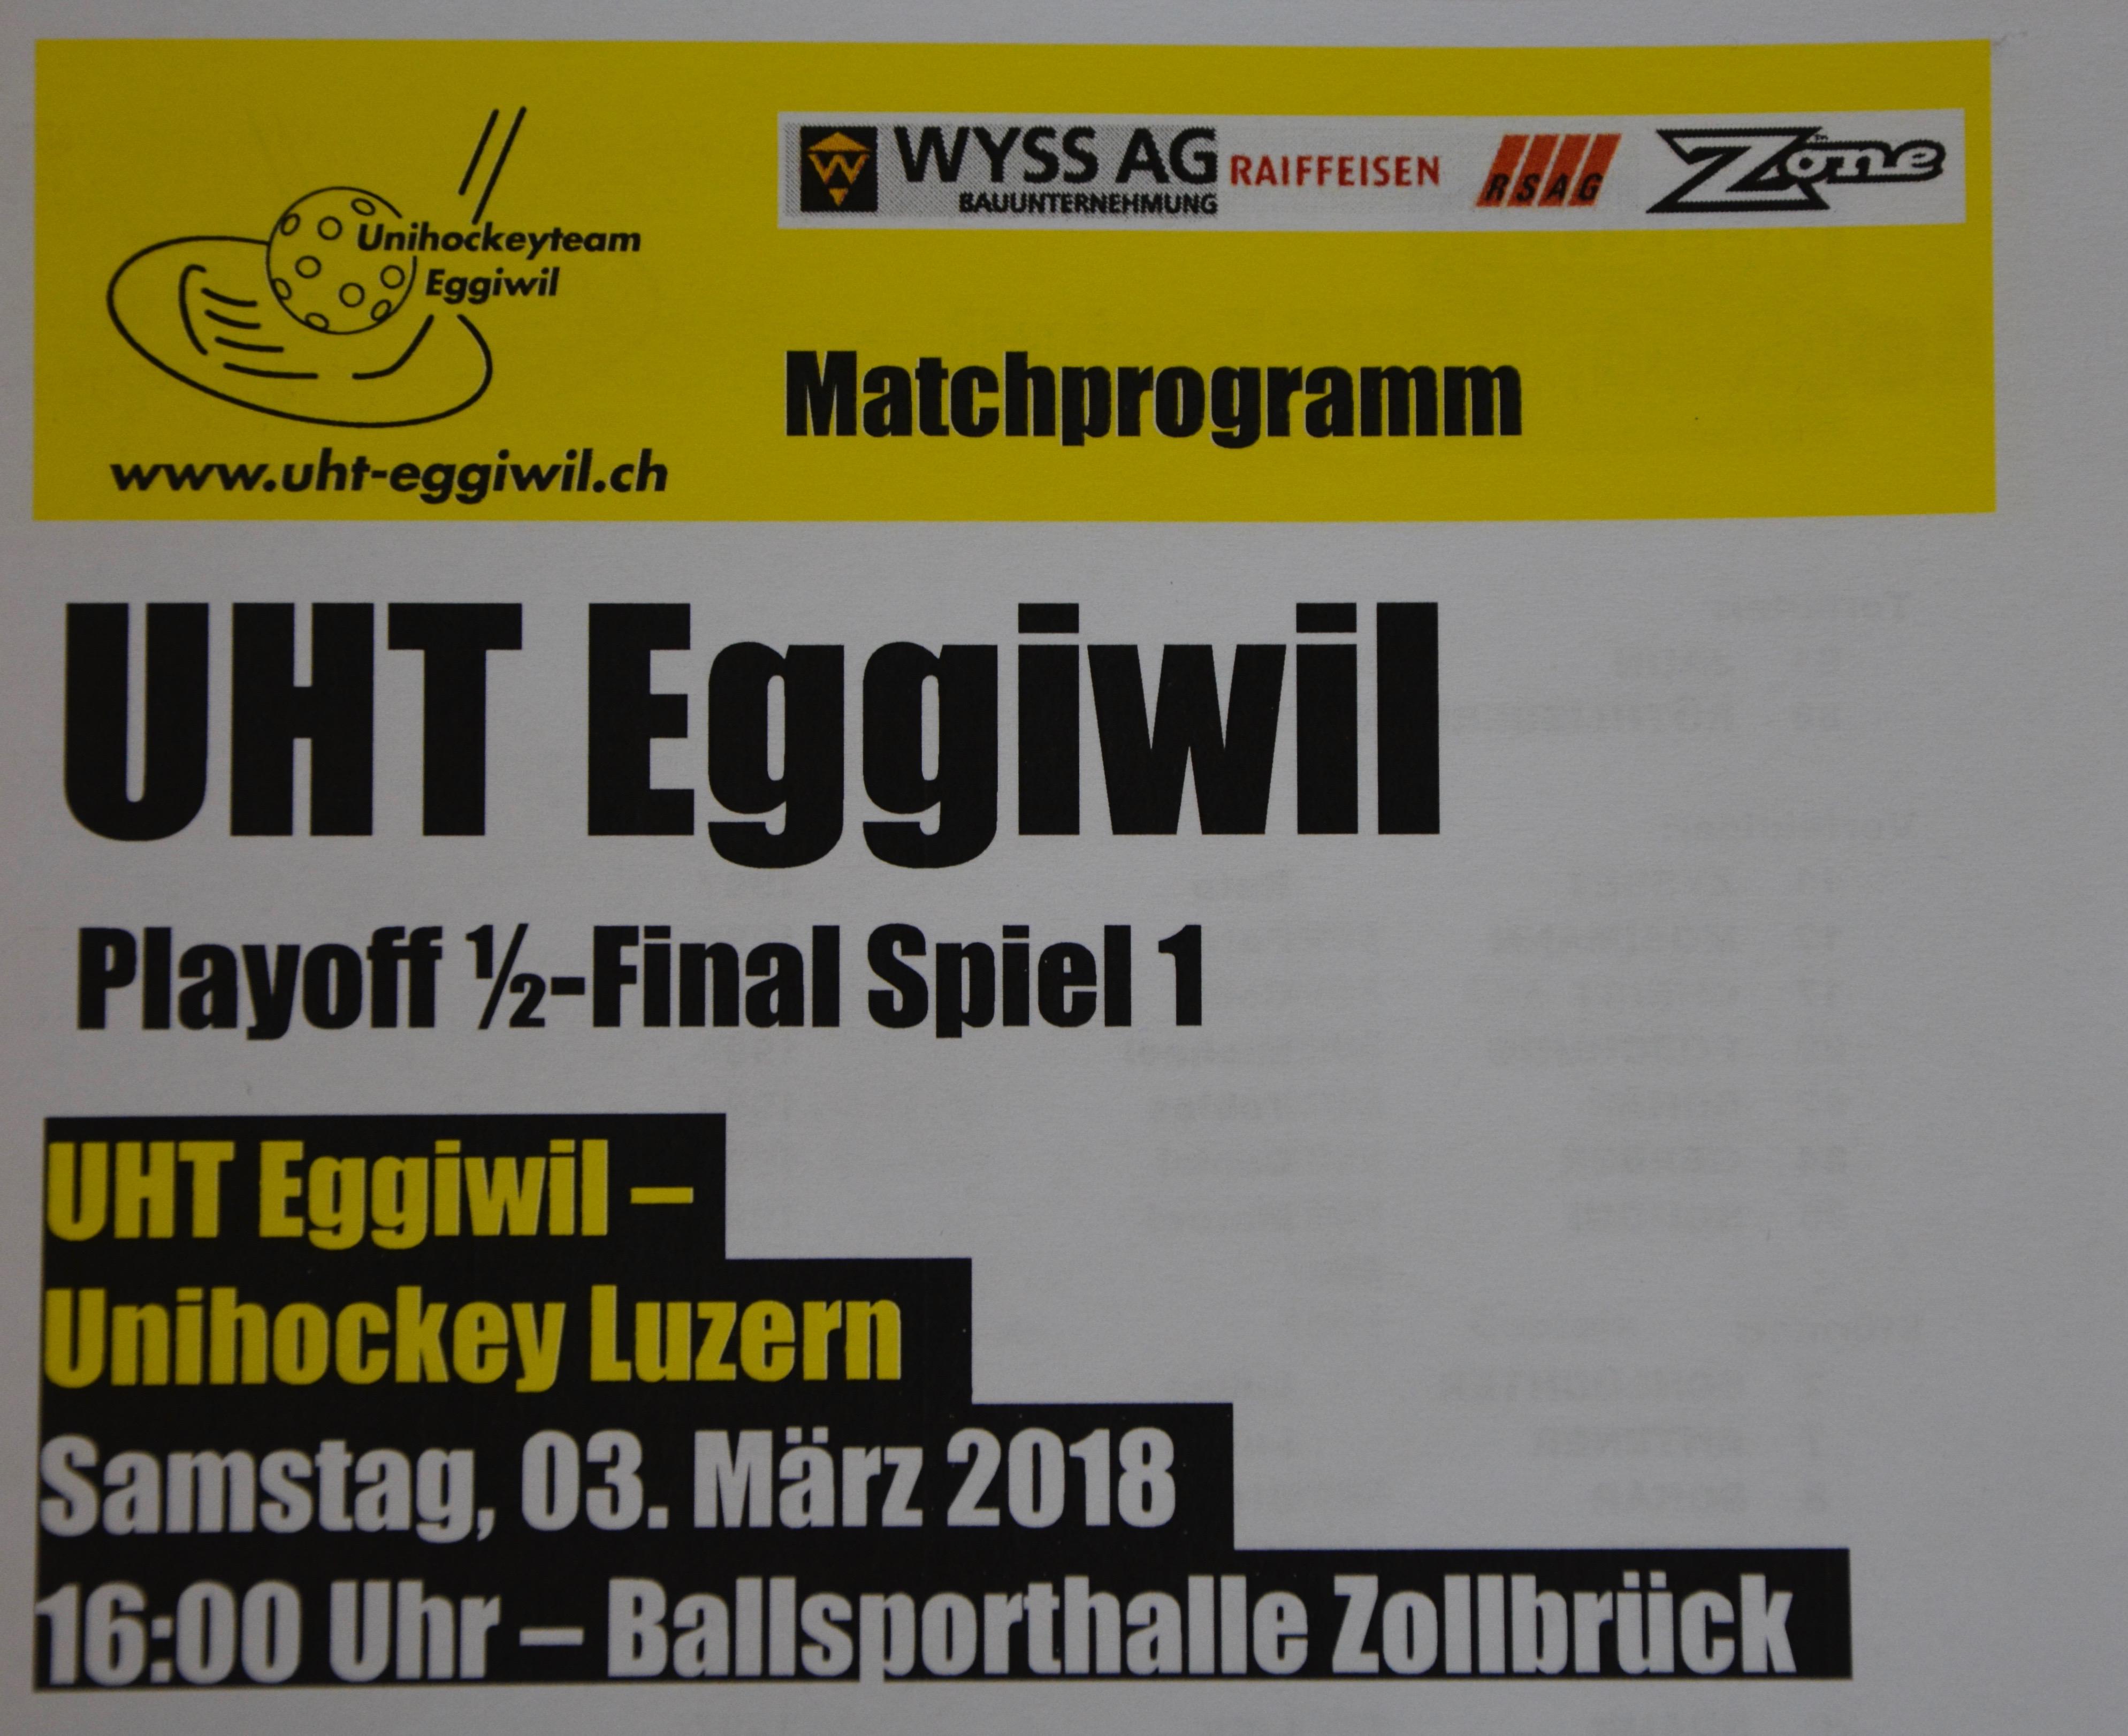 Herren I - Unihockey Luzern Playoff 1/2-Final Spiel 1 Saison 2017/18